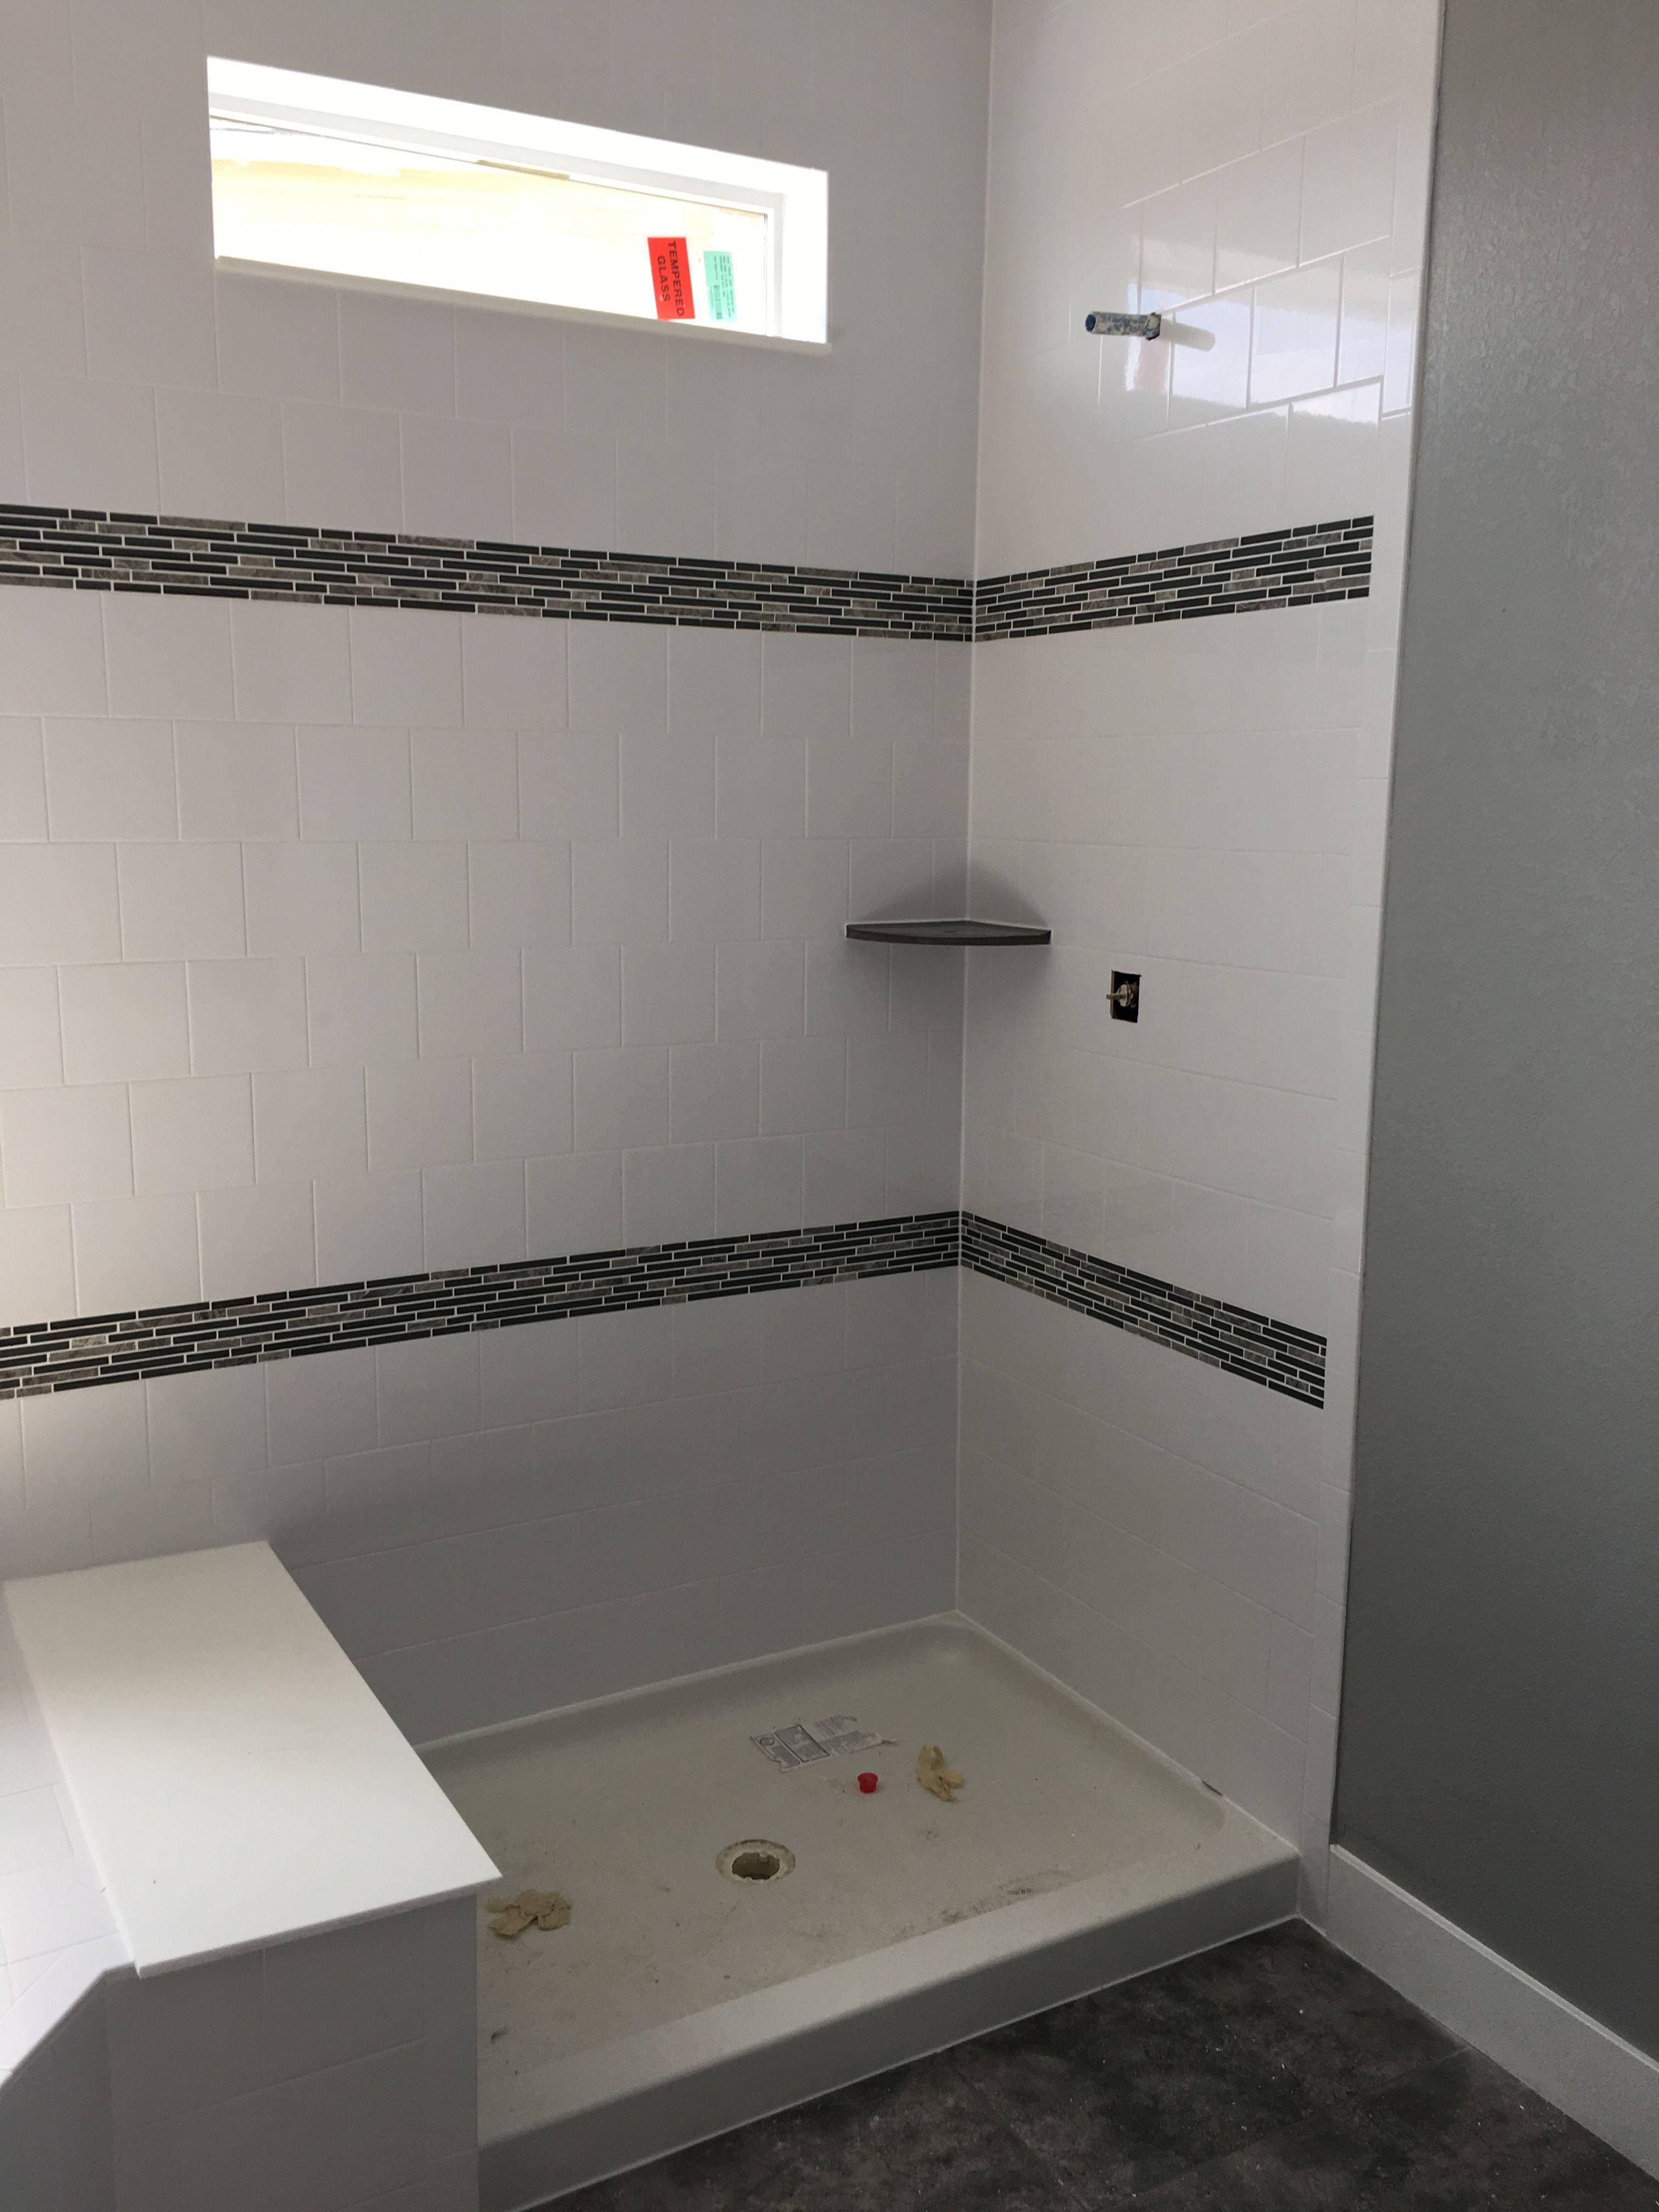 6x6 White Tile Brickset With 2 4 Rows Of Mosaic Master Bathroom Bath Inspiration White Tiles